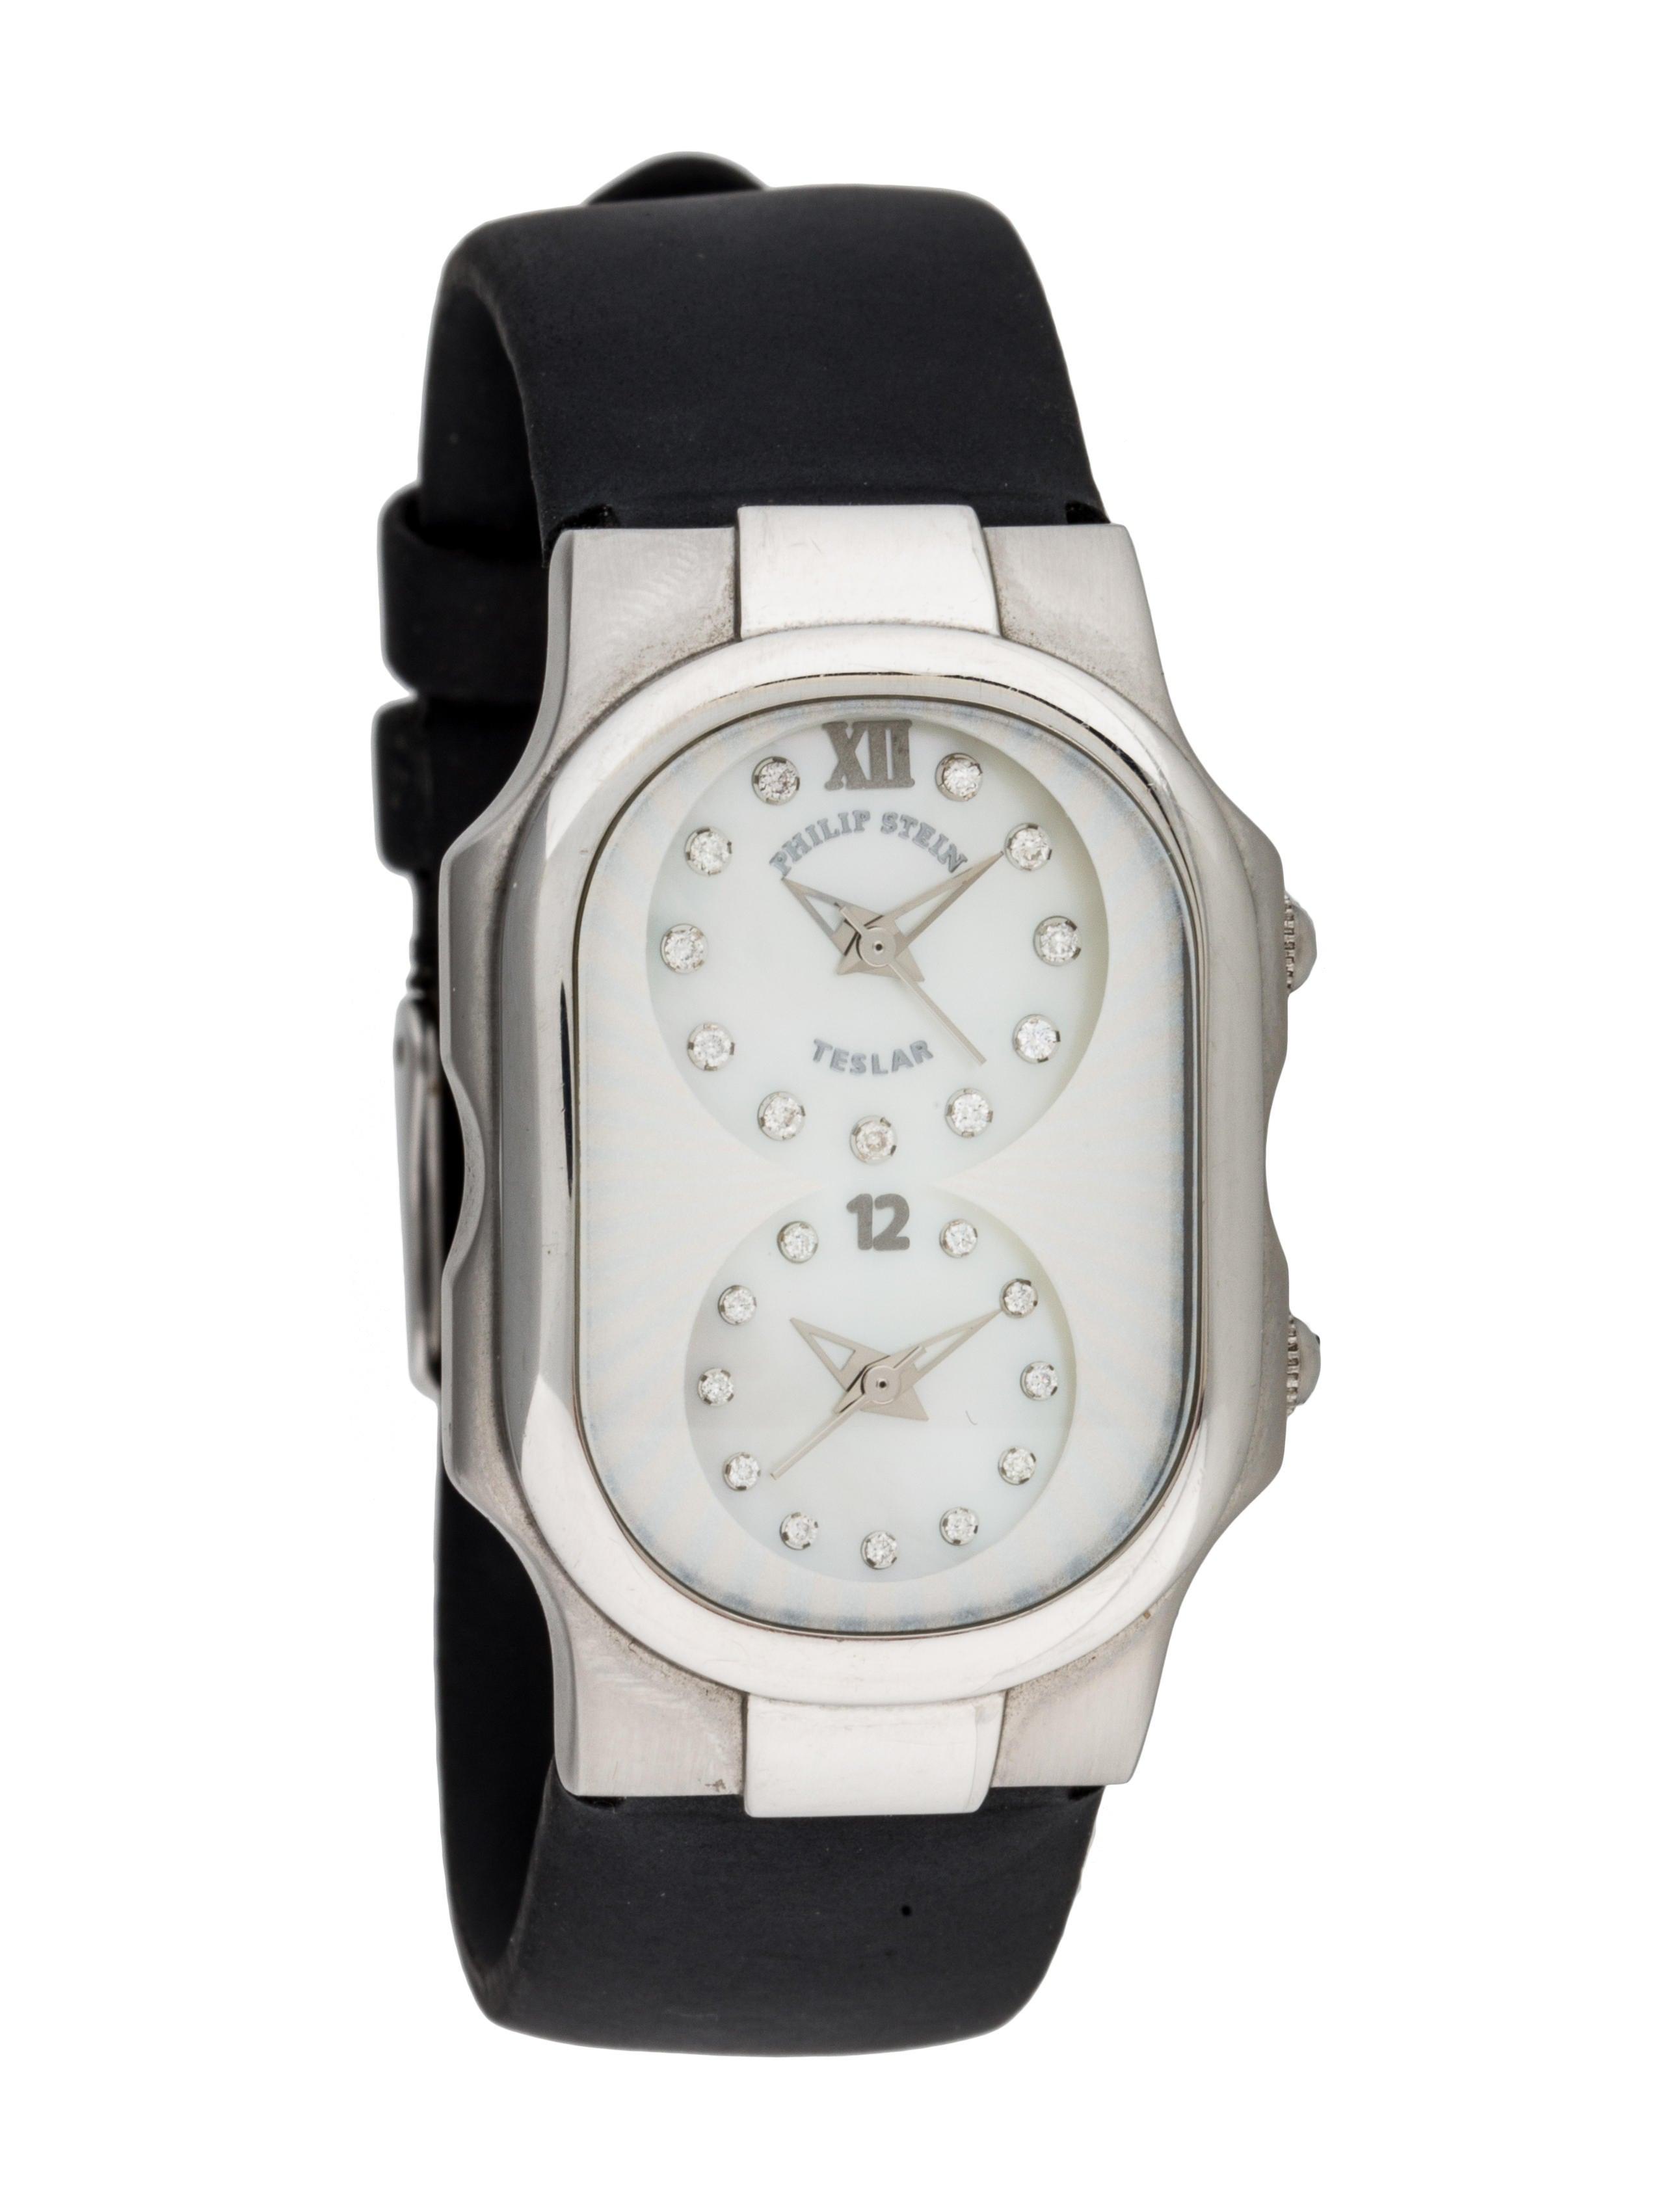 Philip stein teslar watch strap phs20321 the realreal for Philip stein watches